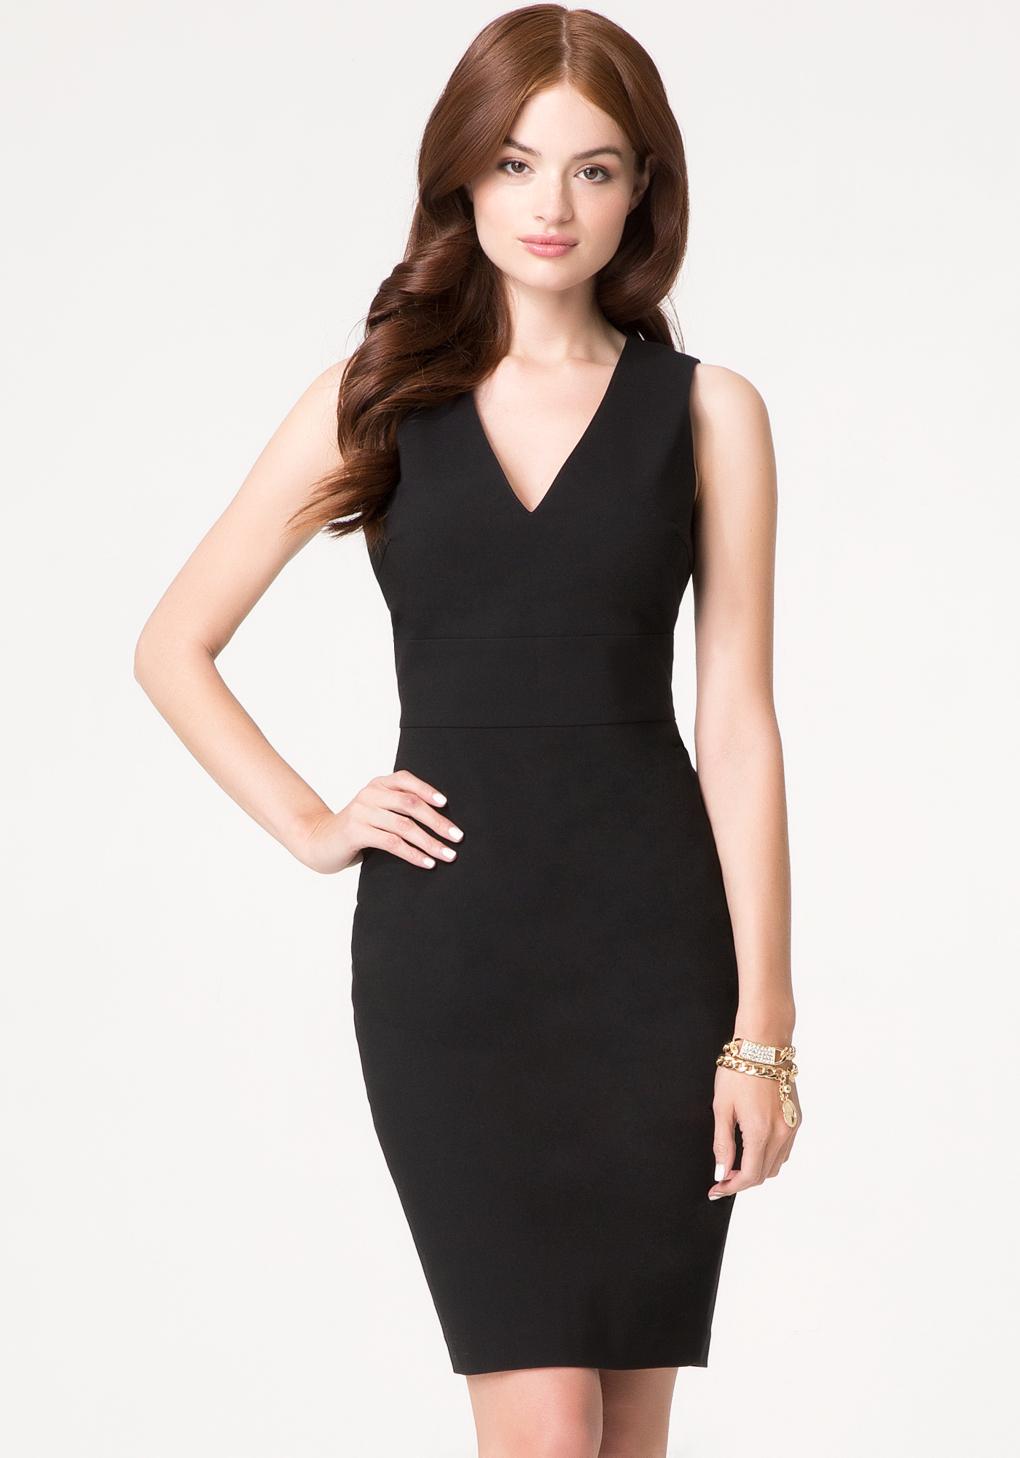 Black dress bebe - Gallery